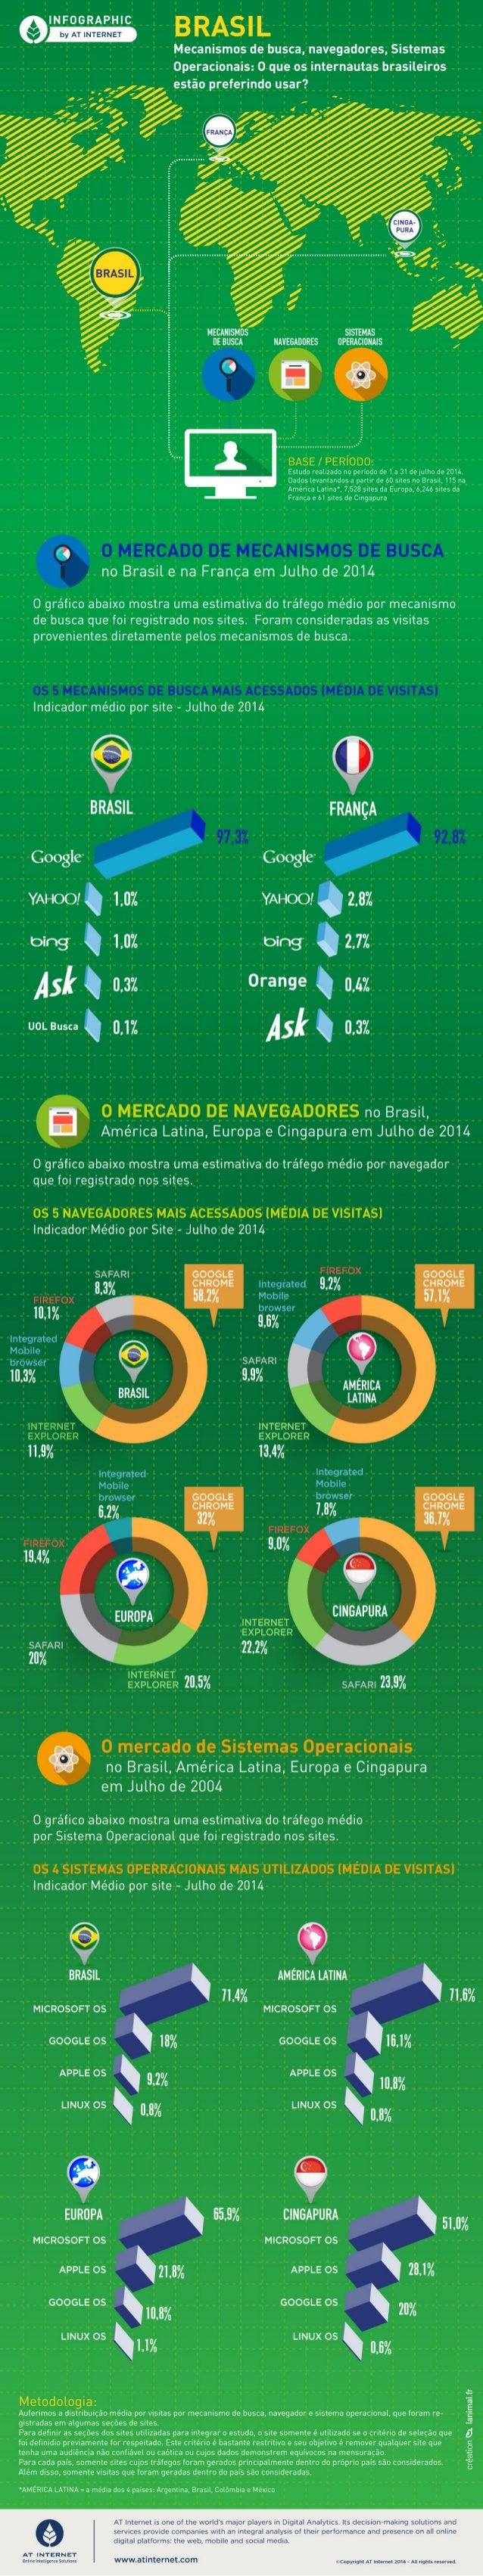 [Infográfico - Julho de 2014] Brasil: Mecanismos de busca, navegadores, Sistemas Operacionais